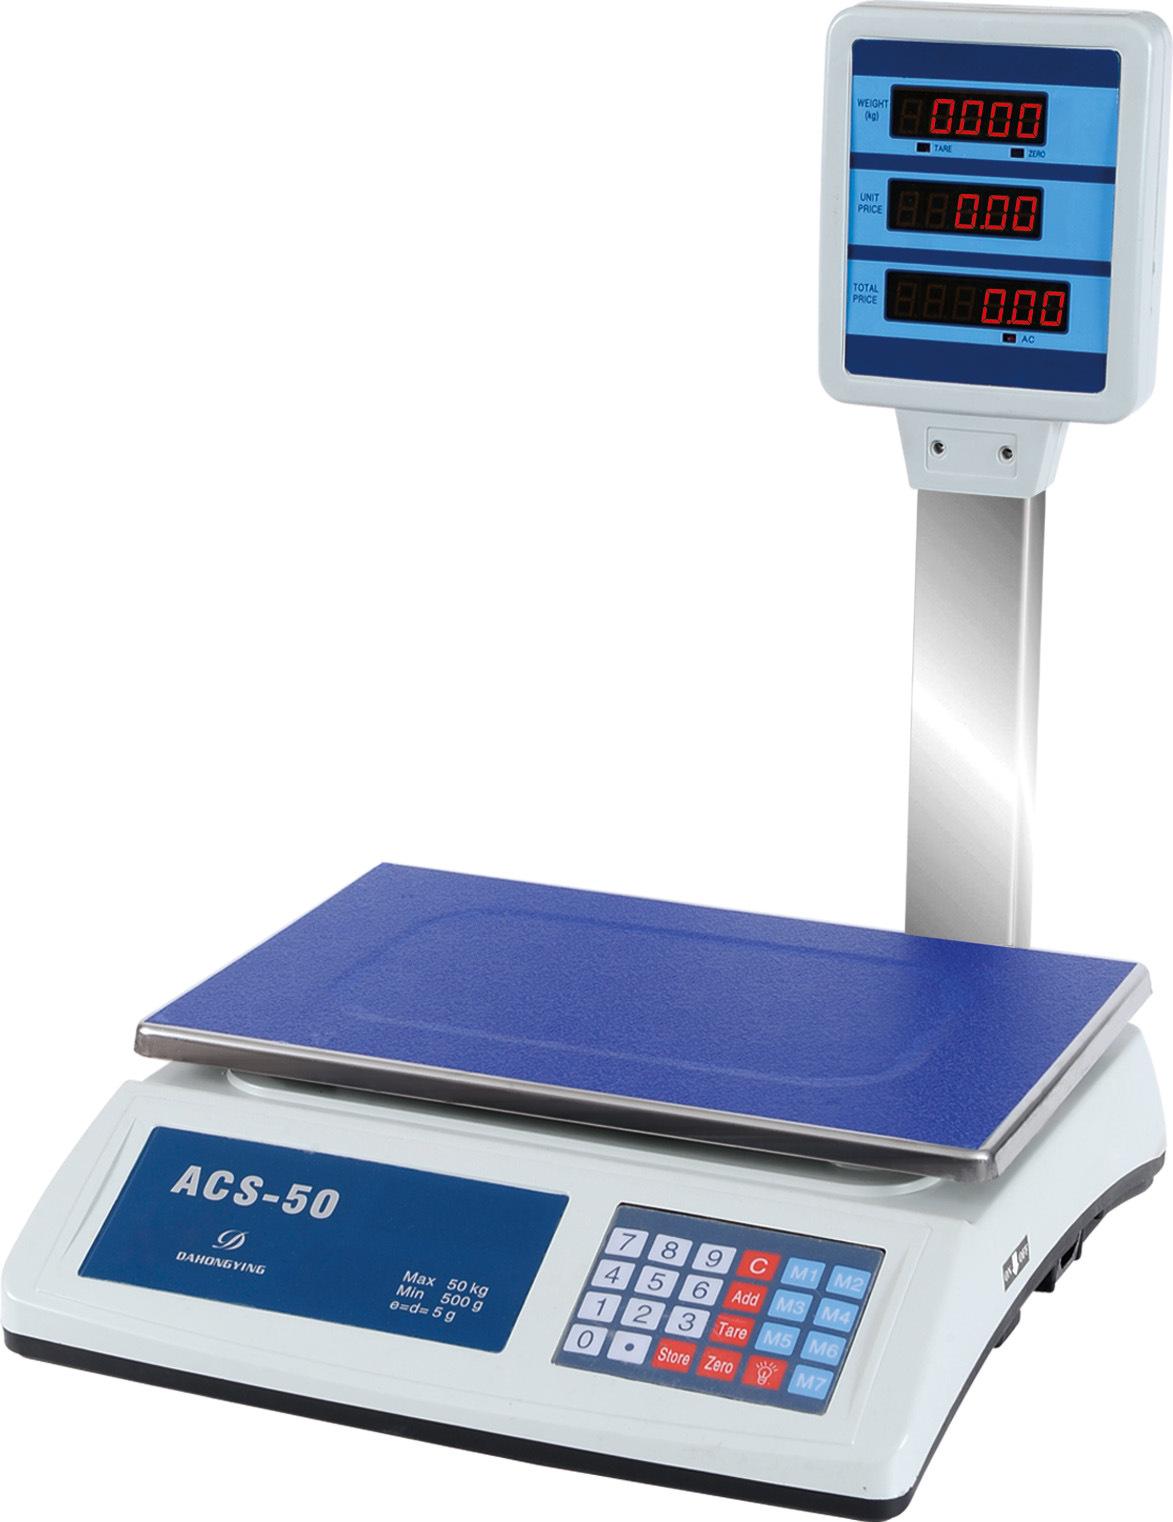 Electronic Scale (ACS-A9)